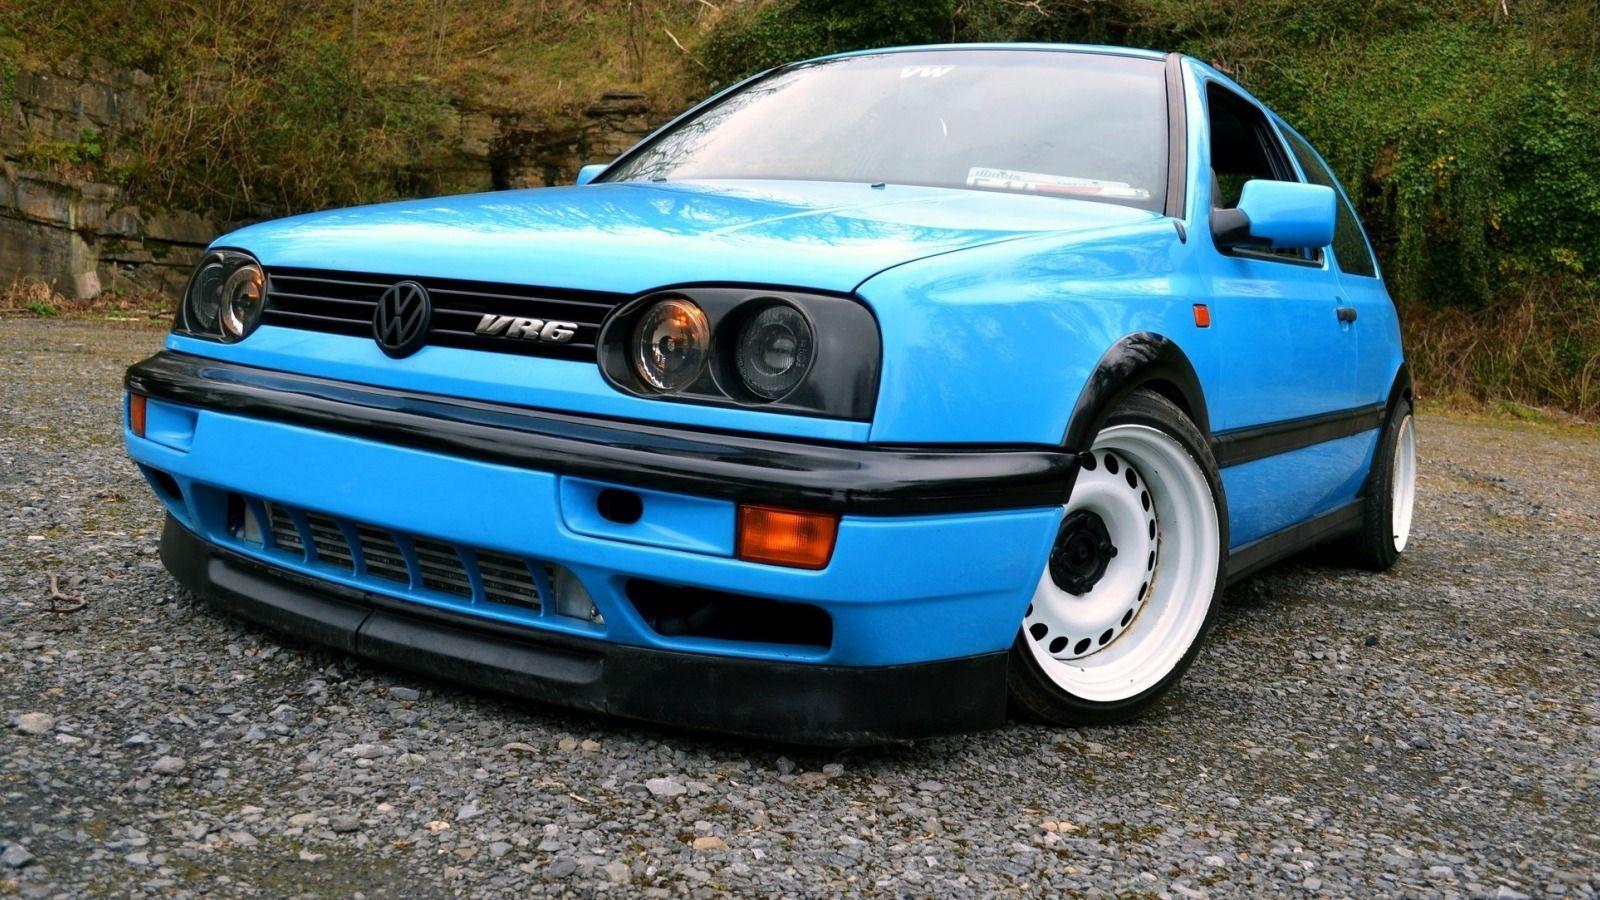 Pin By Madaliso On Vw Datsun Volkswagen Golf Golf Mk3 Vw Golf 3